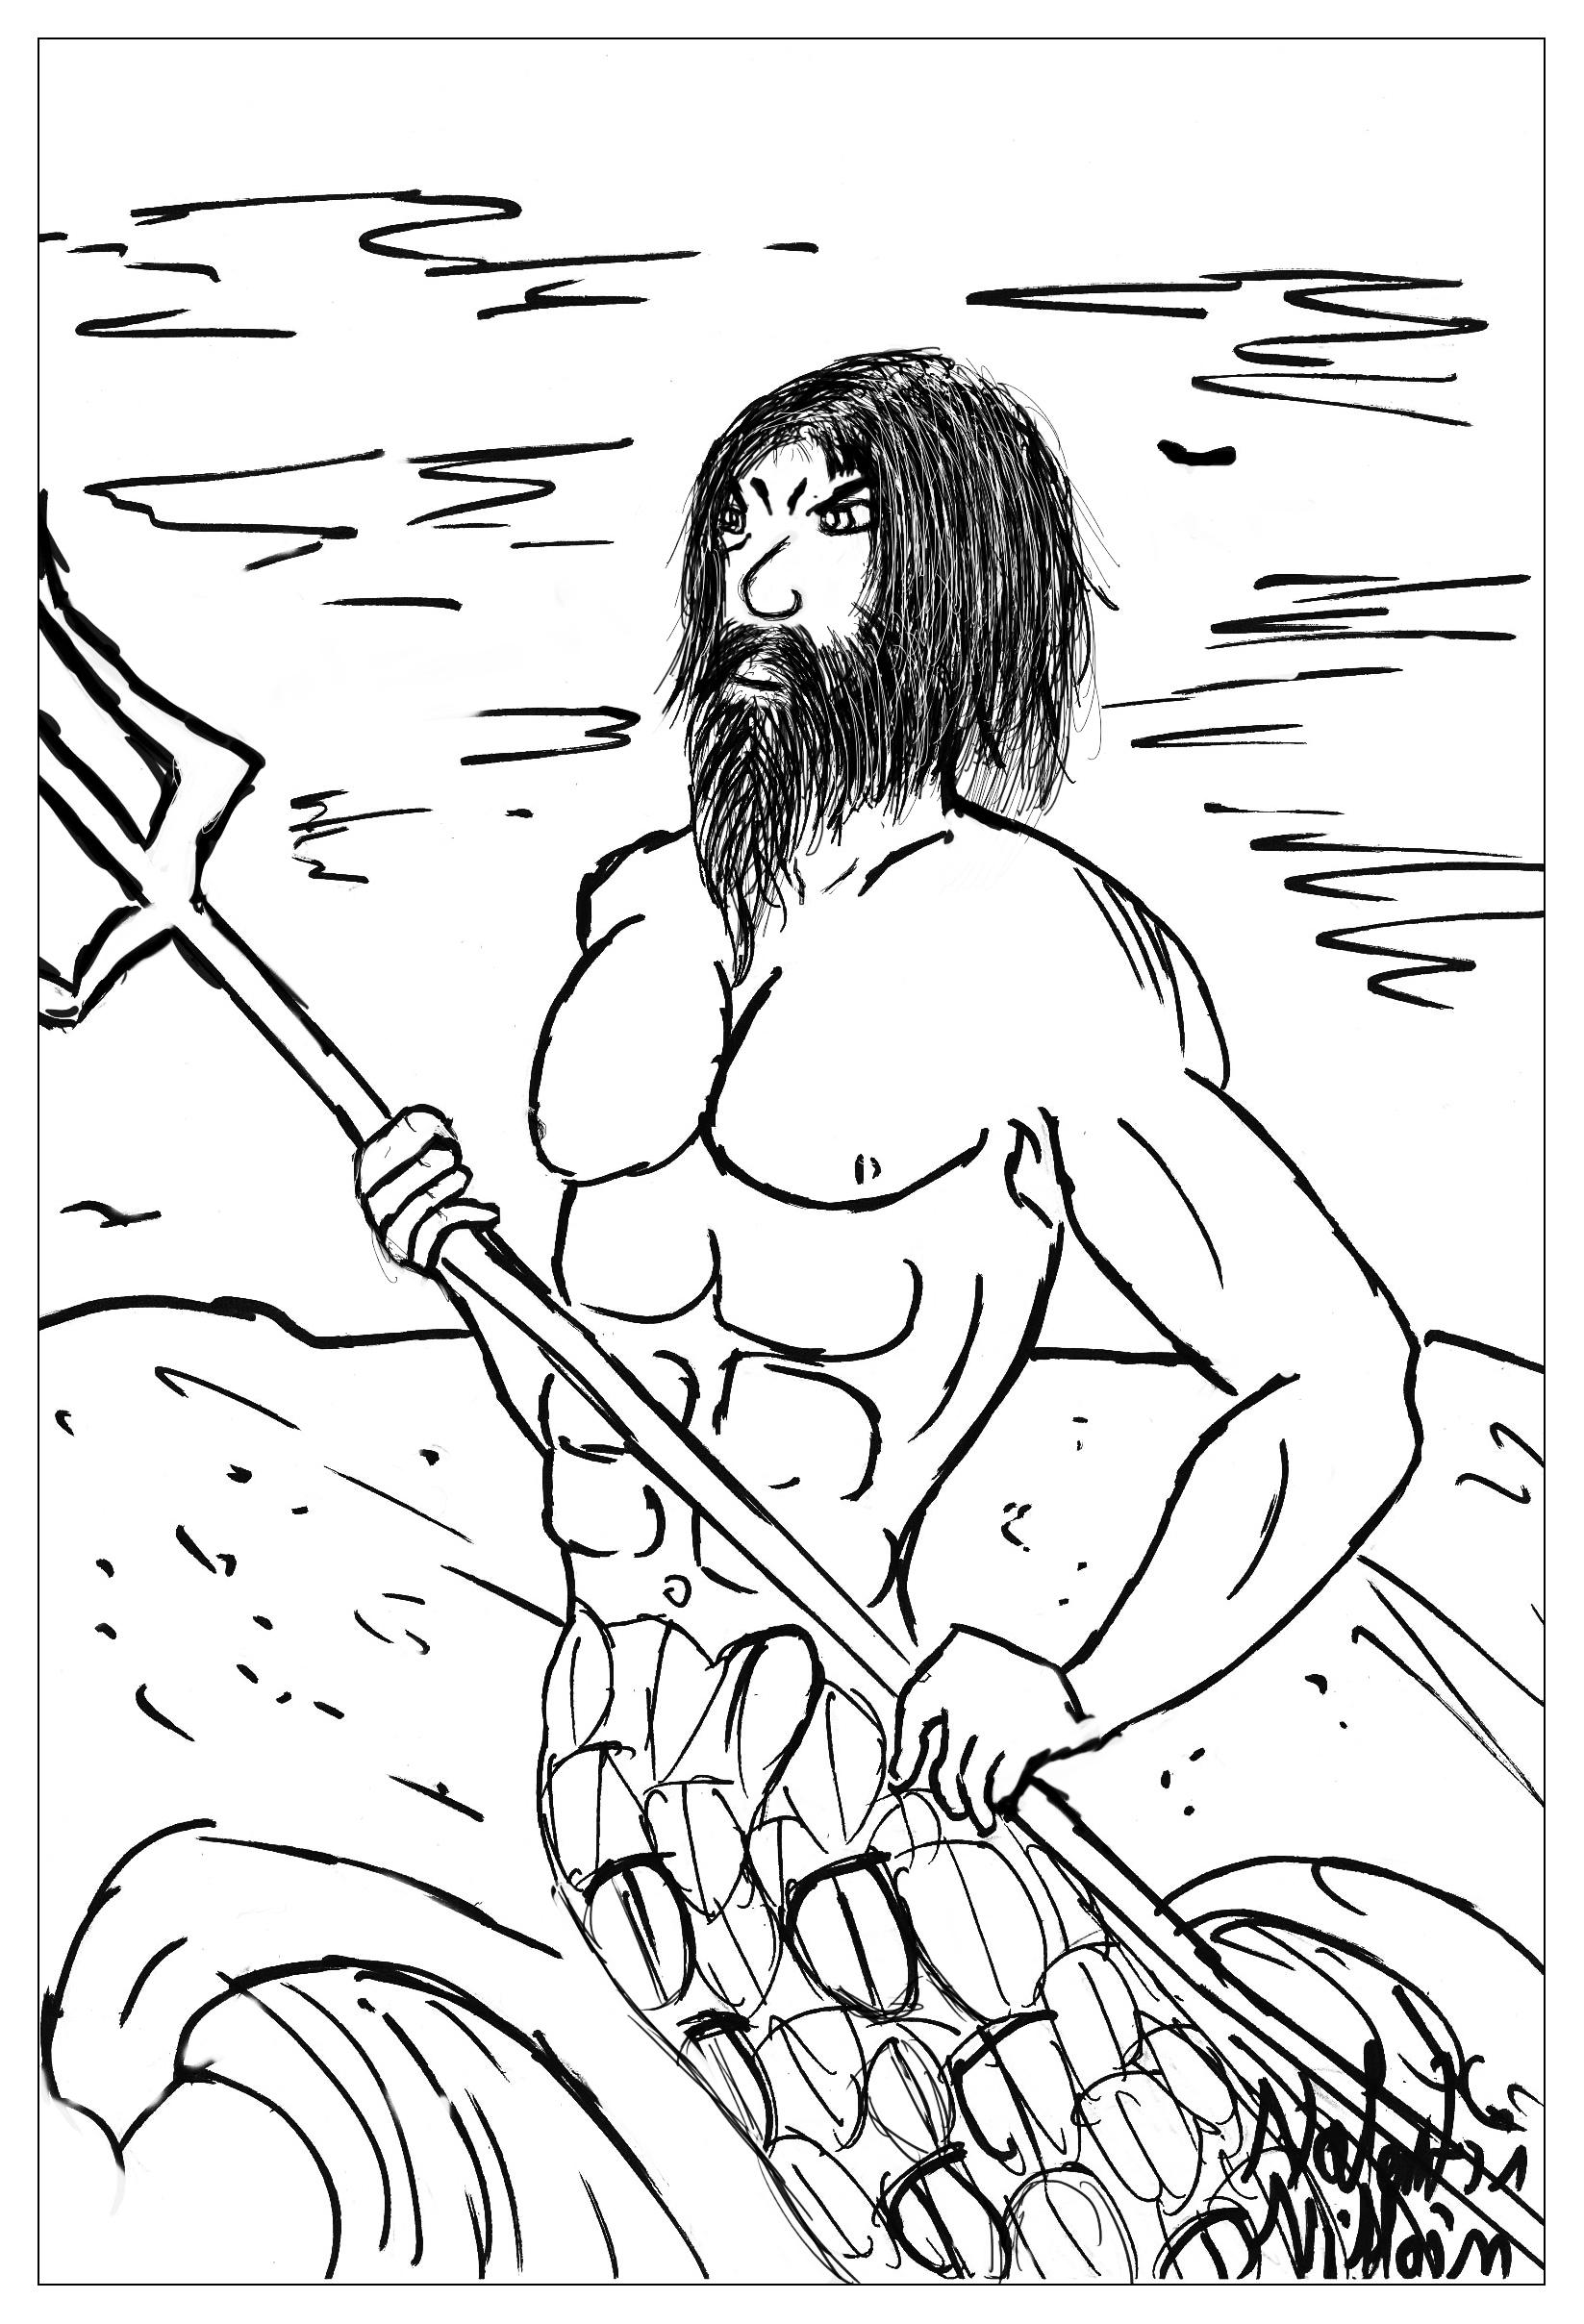 Poseidon, le dieu des mers et des oceans dans un coloriage.